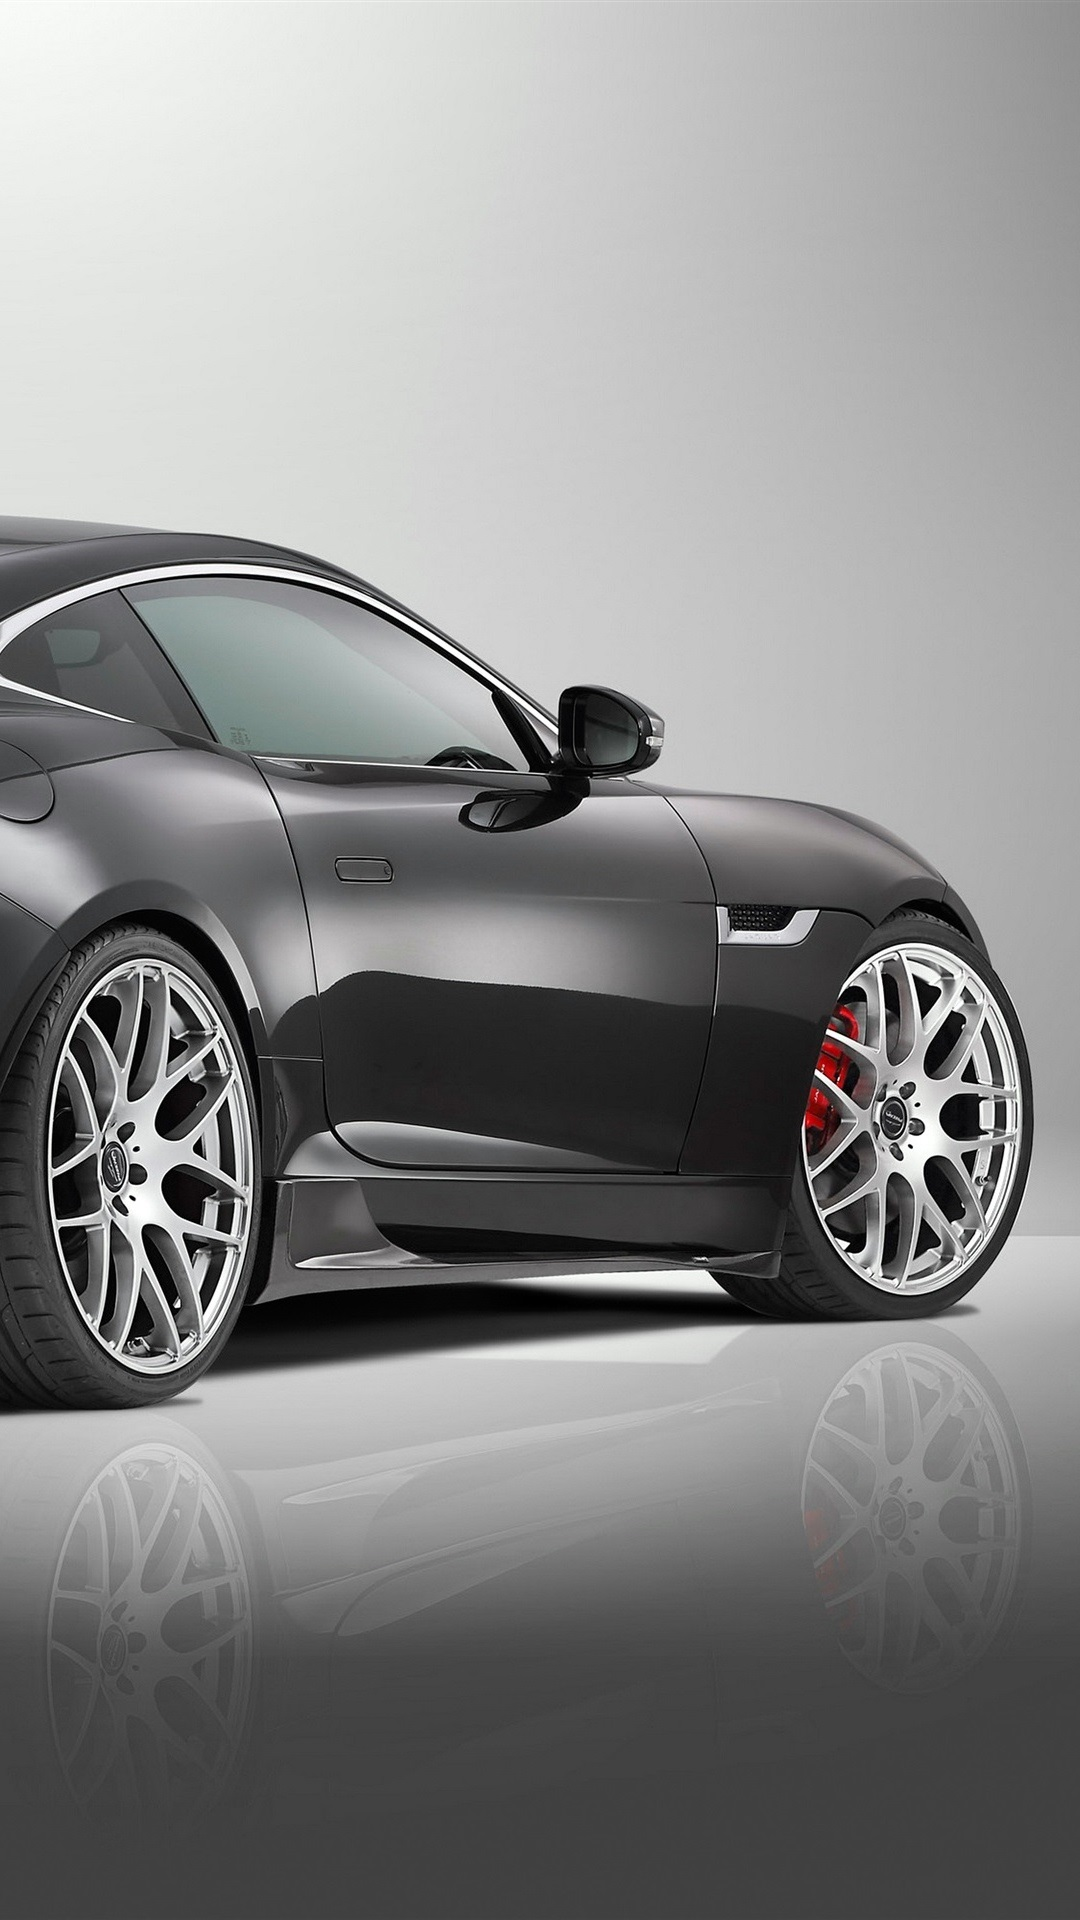 21 Jaguar F Type R Coupe, black supercar rear view 21x21 ...